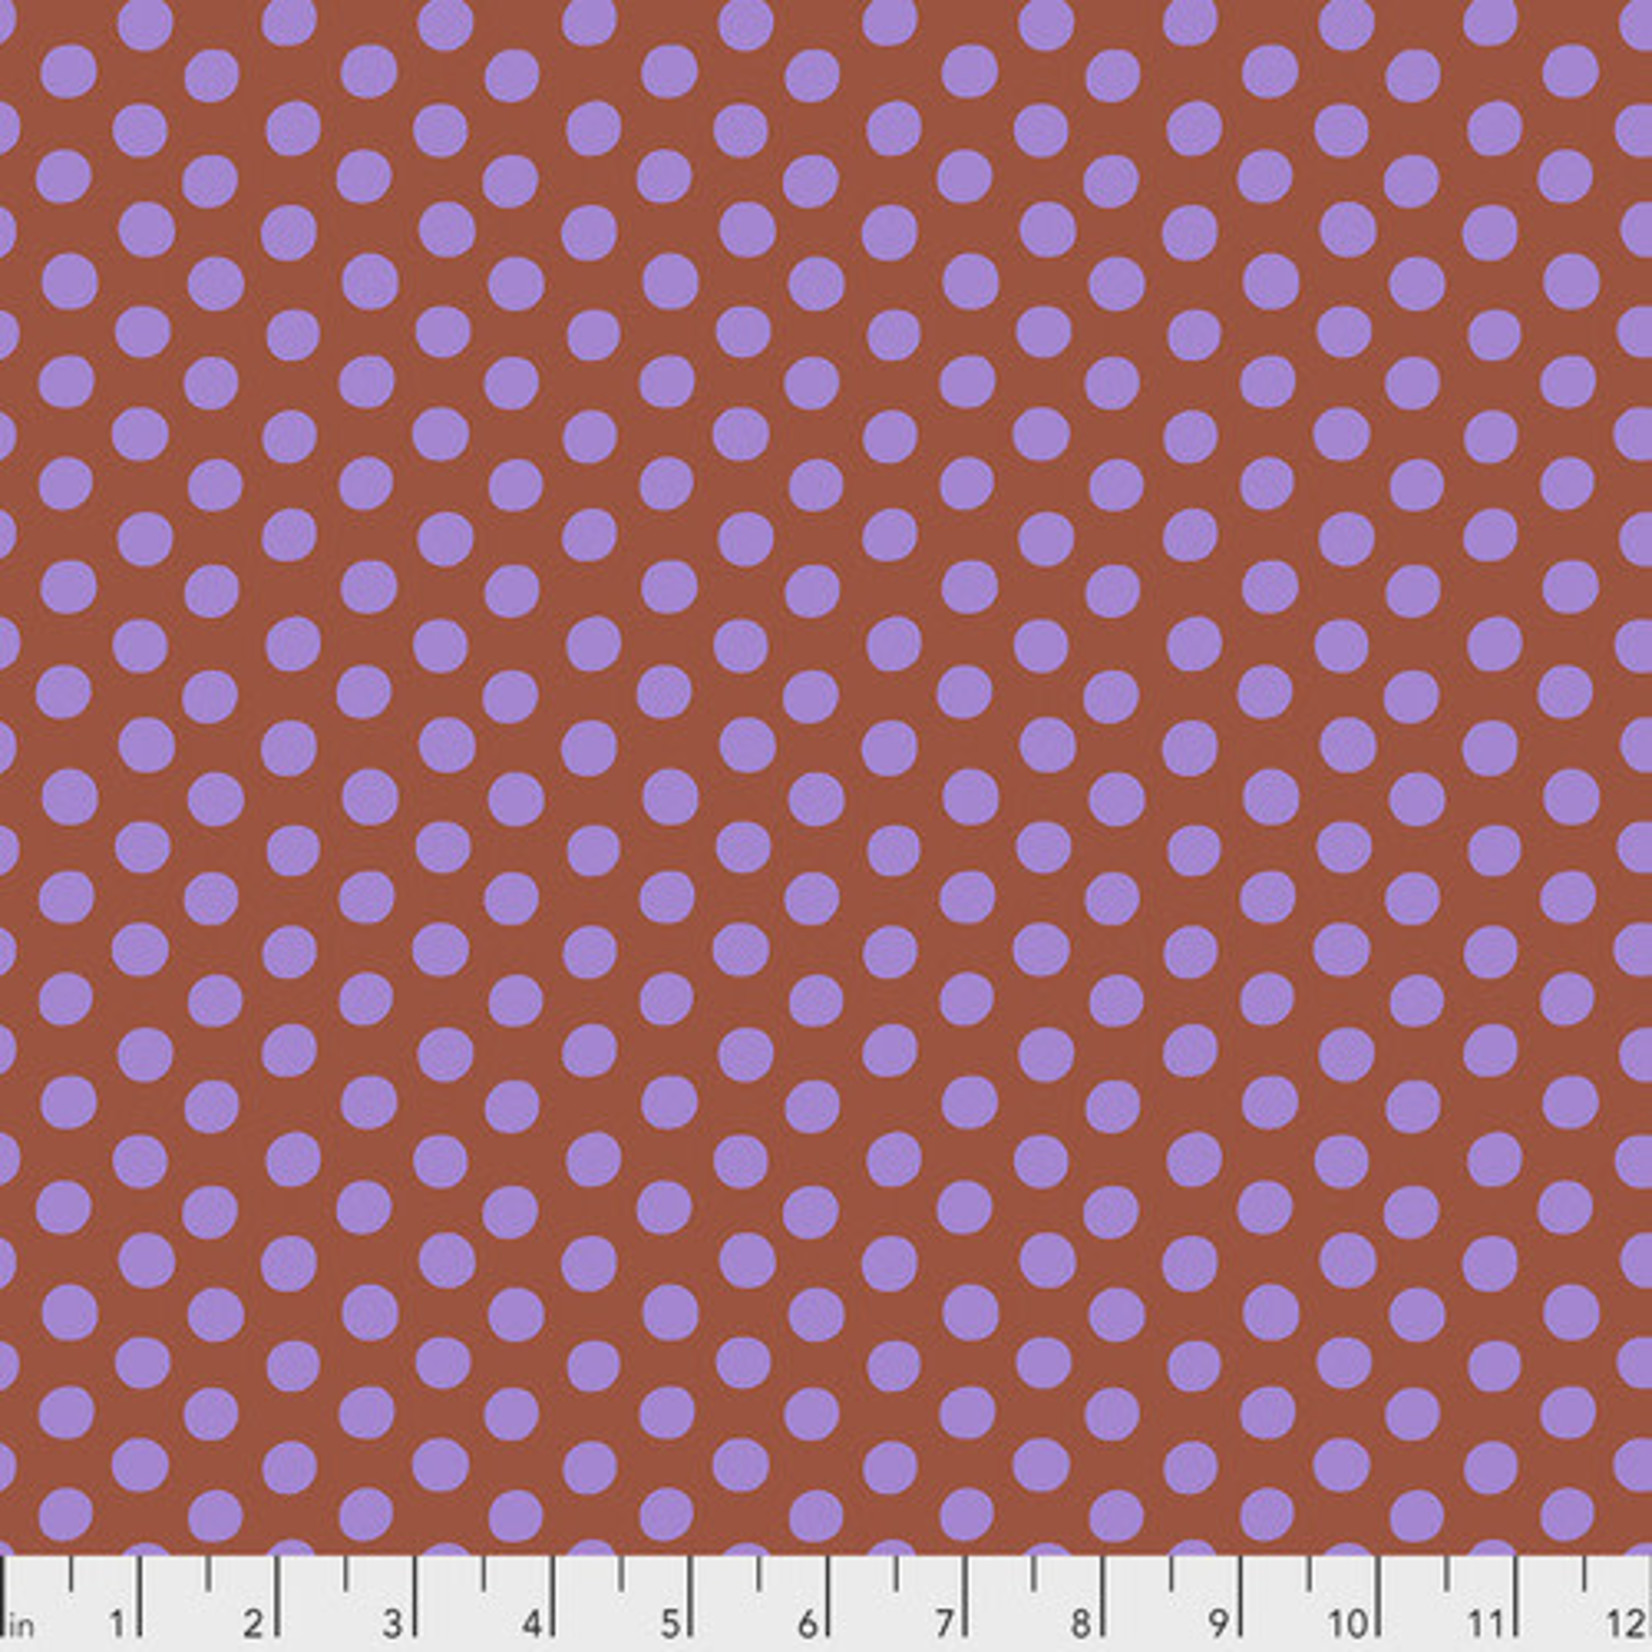 Kaffe Fassett KF Collective - Spot, Cinnamon (PWGP070.CINNAMON) $0.18 per cm or $18/m